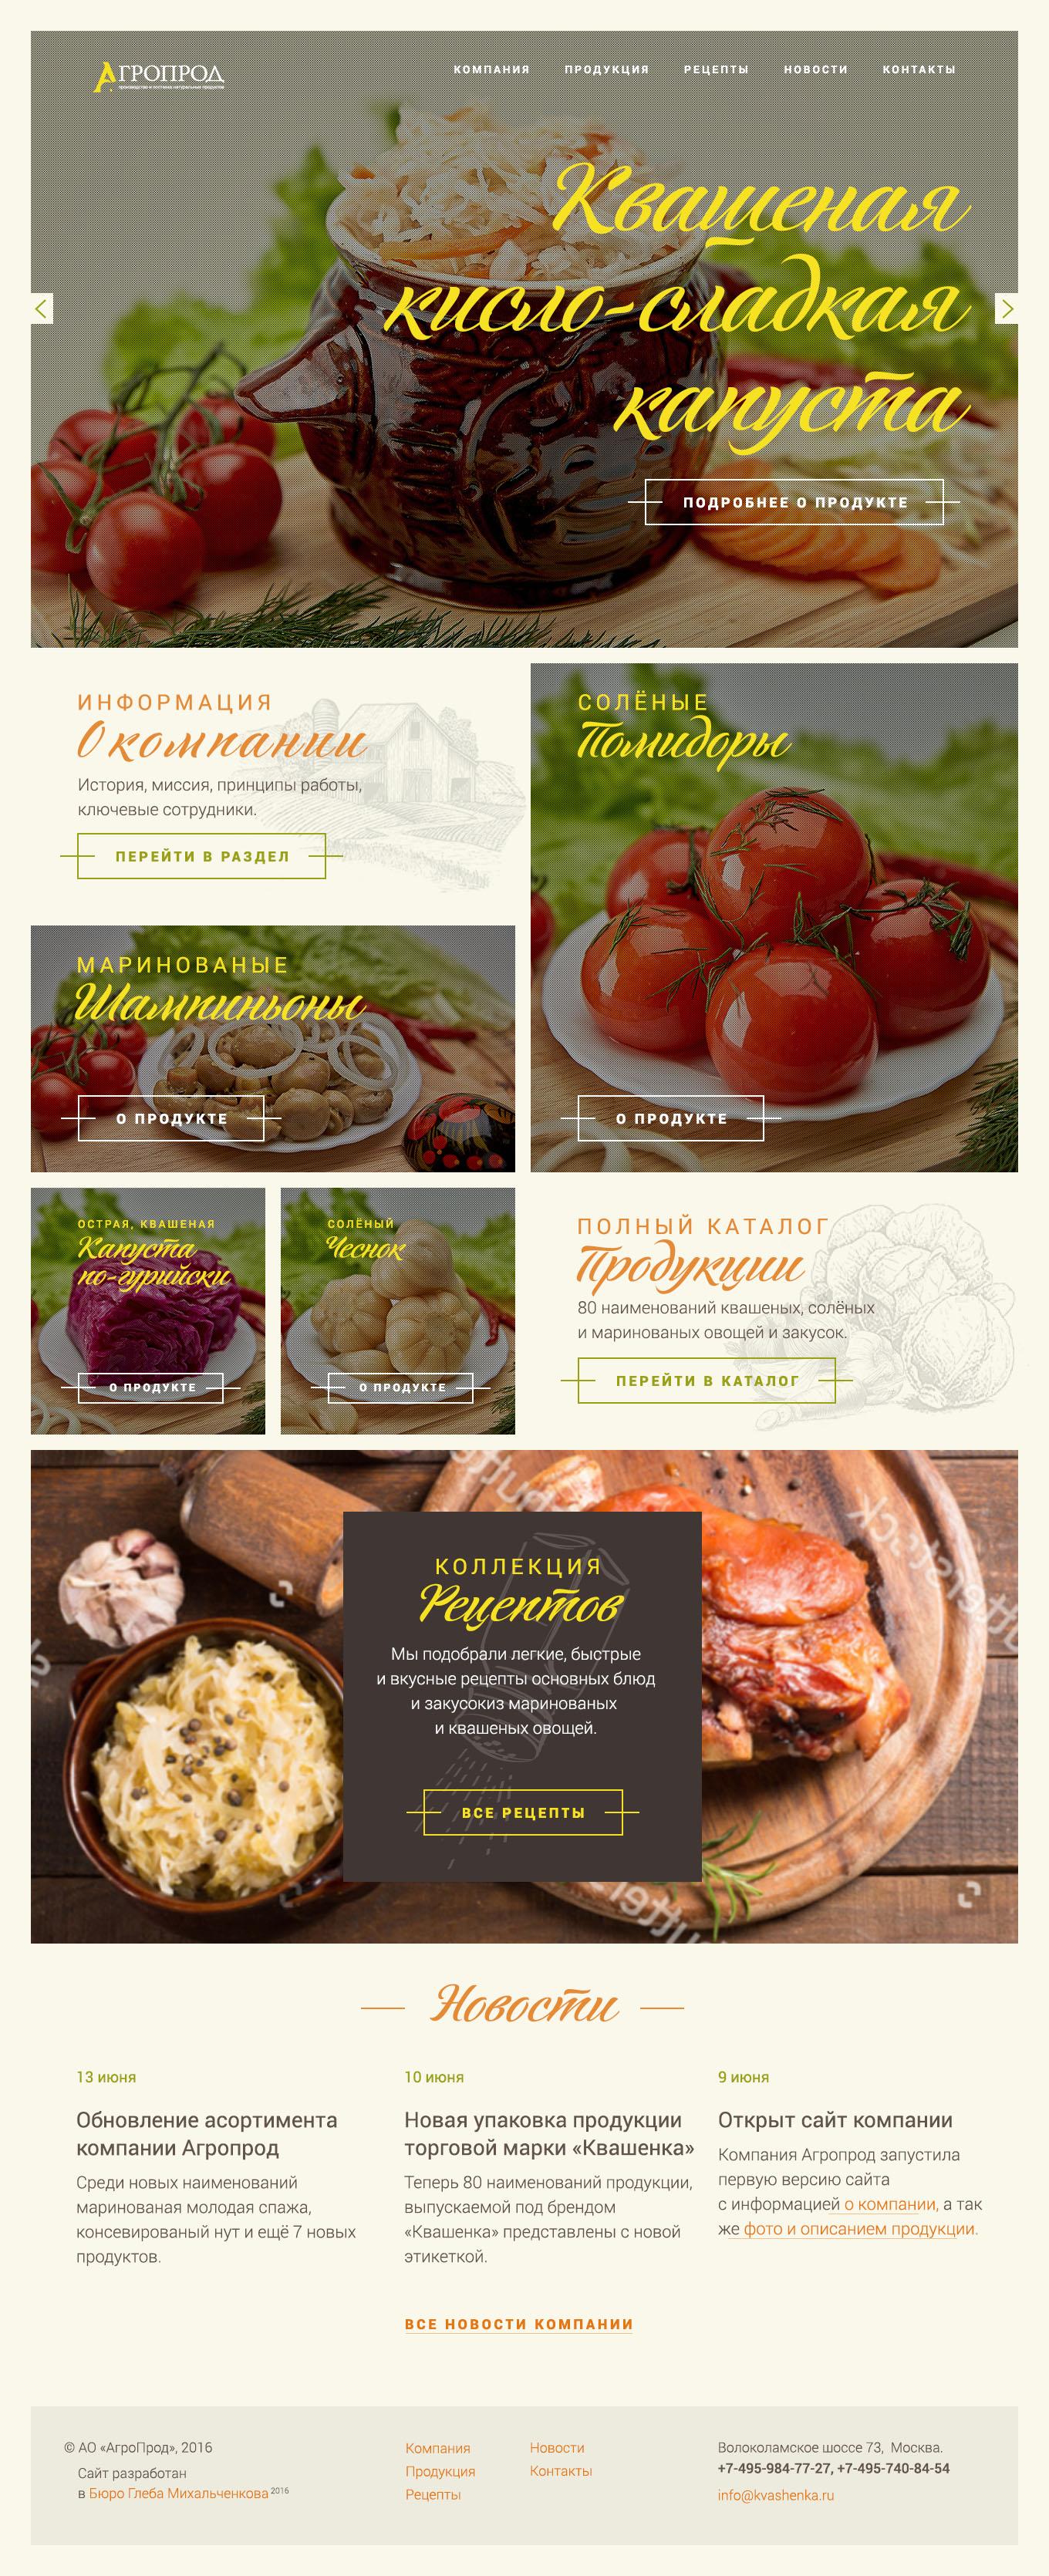 Каталог продукции торговой марки «Квашенка»